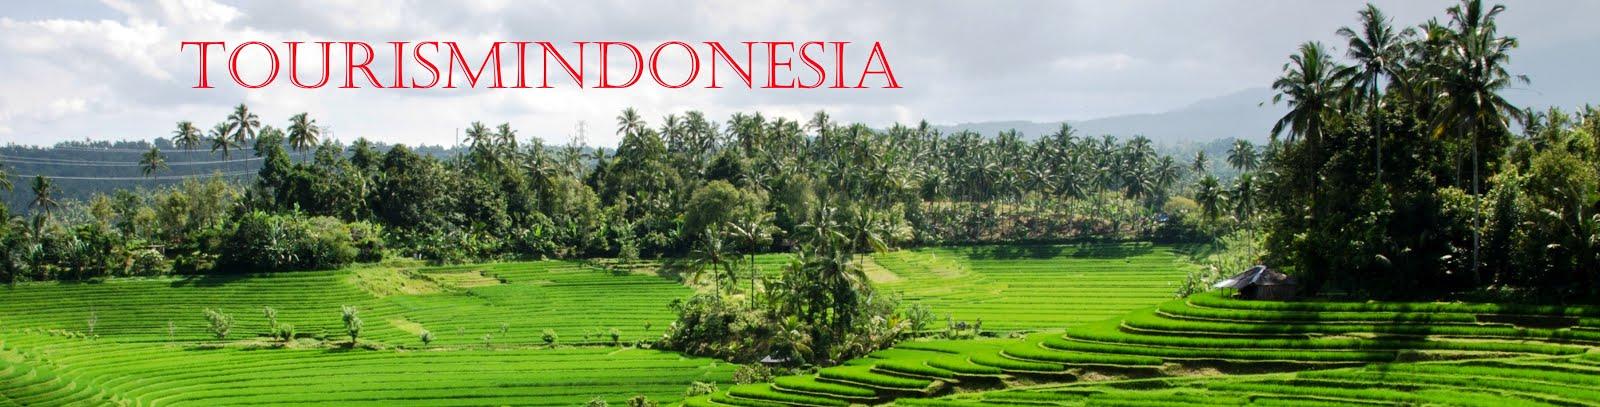 Tourism Indonesia